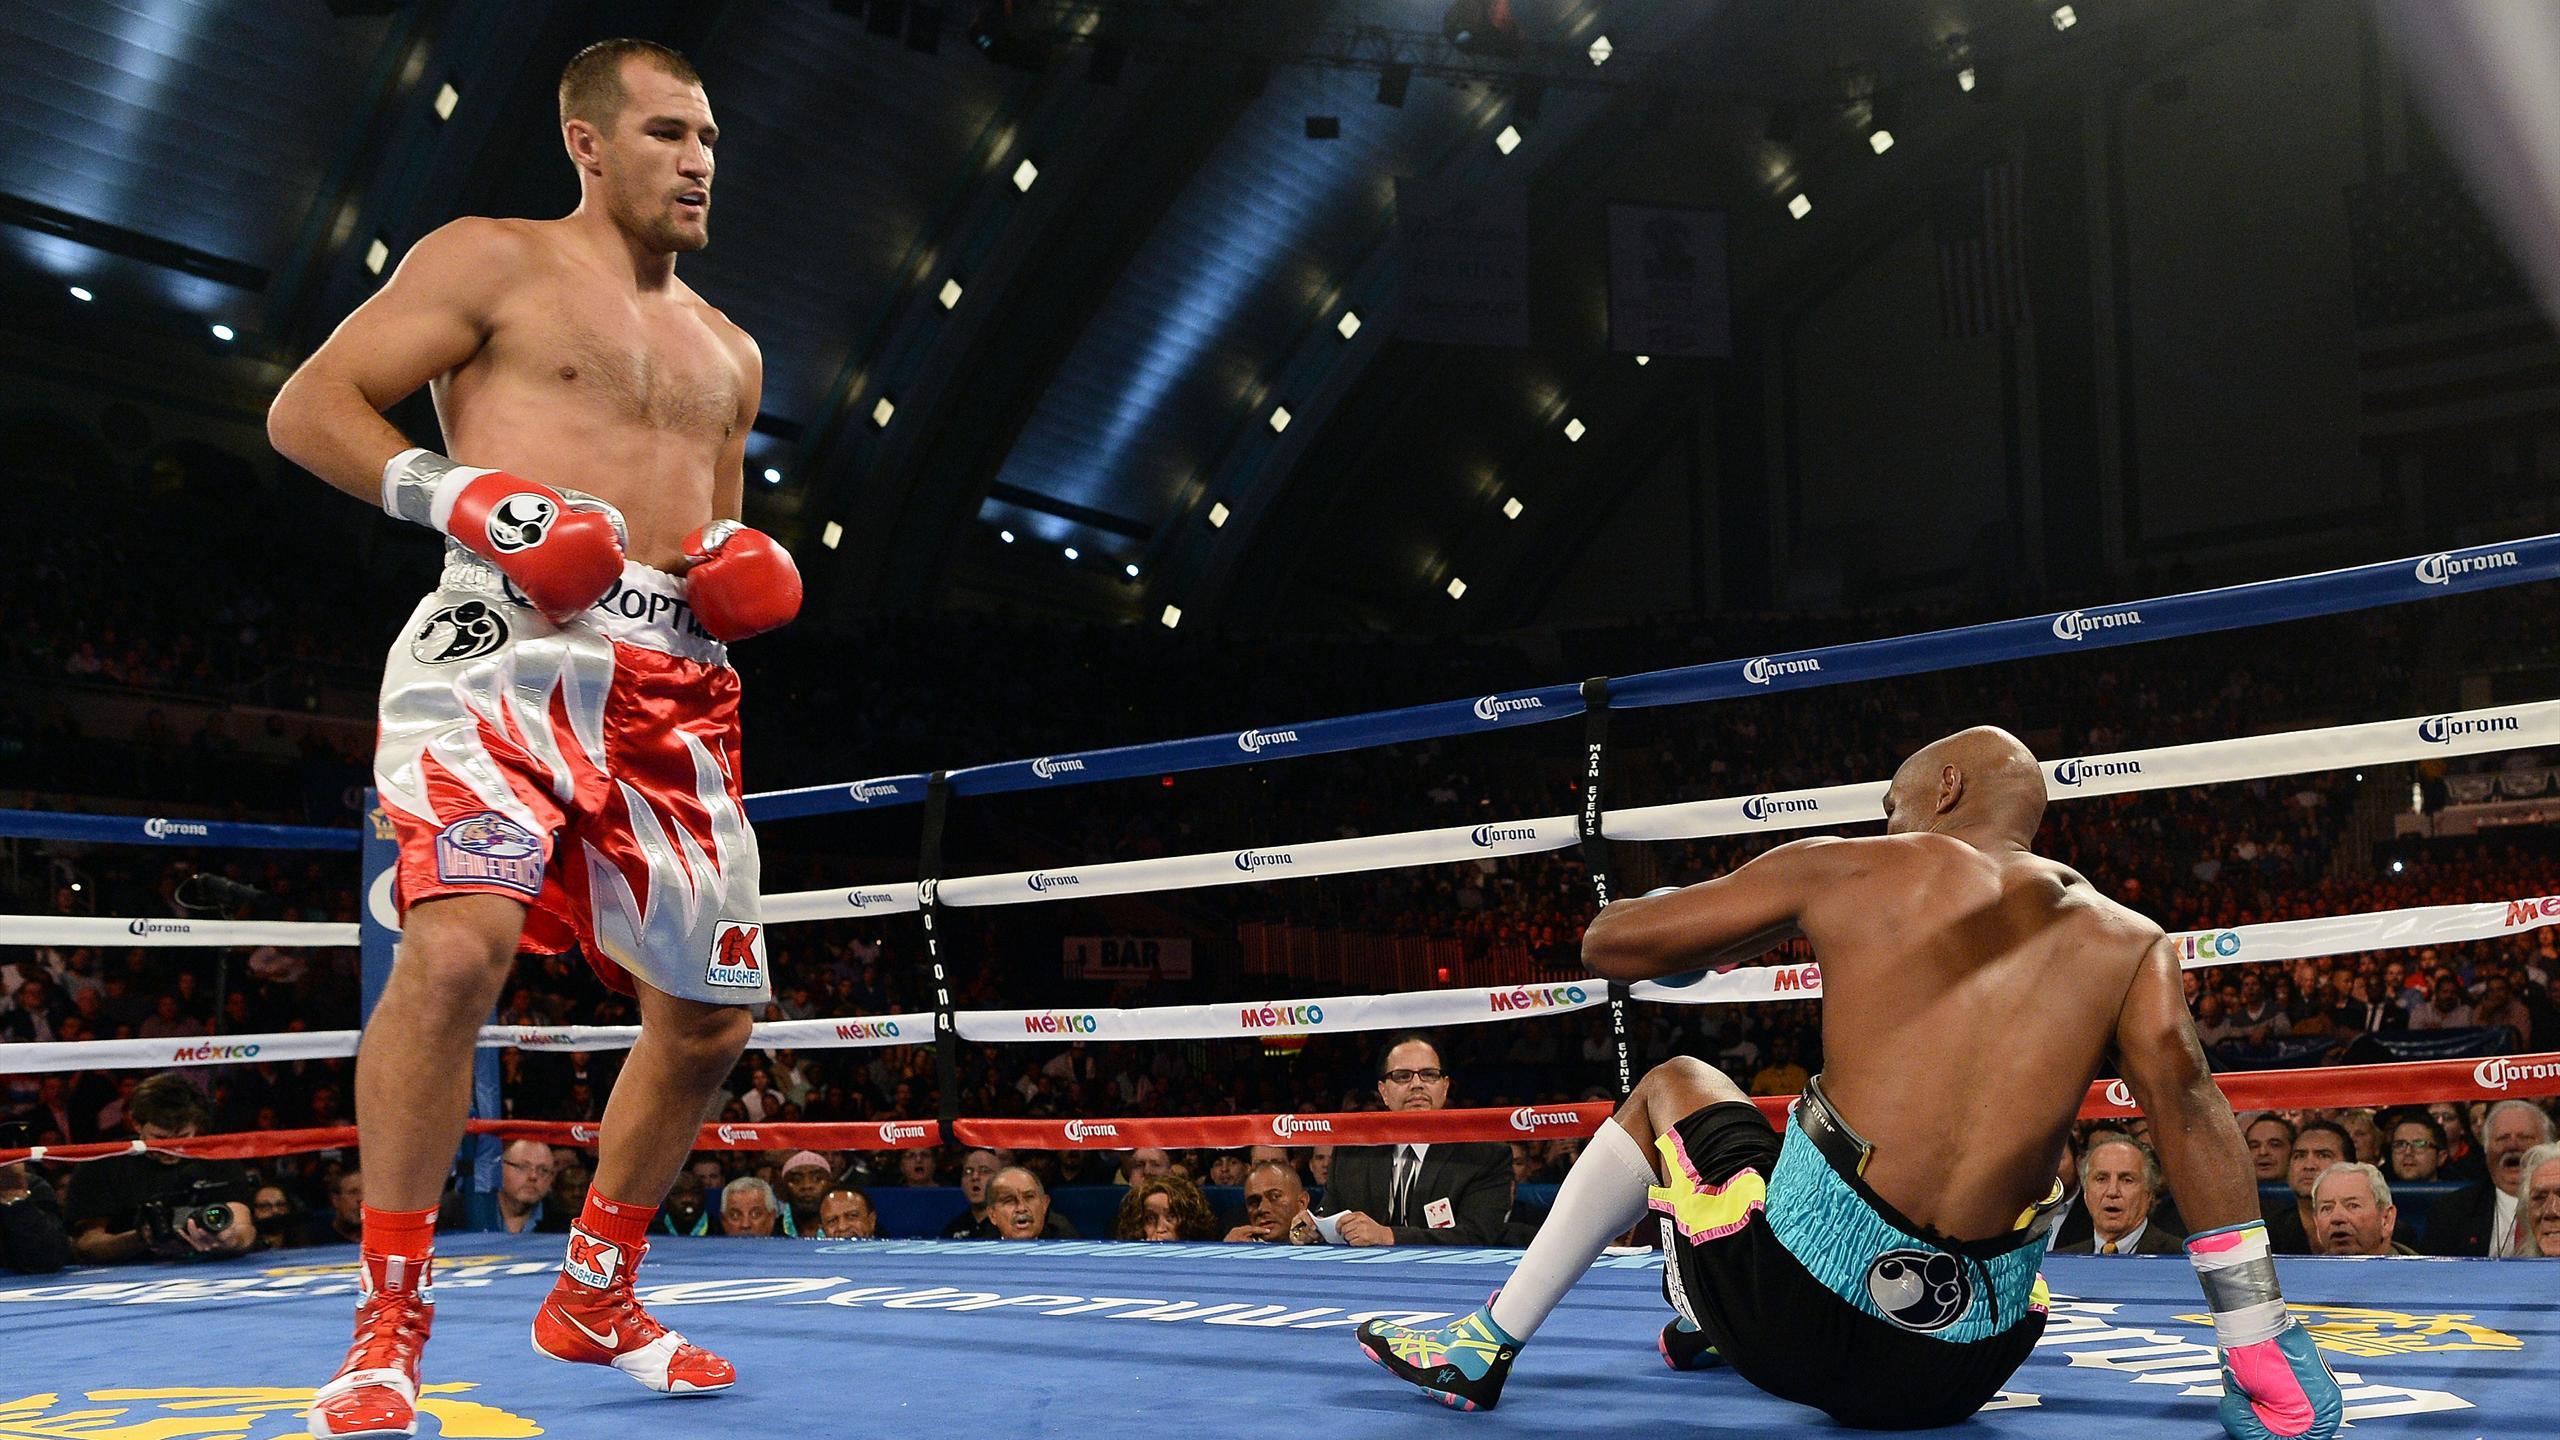 пожелания боксеру перед боем идет белых